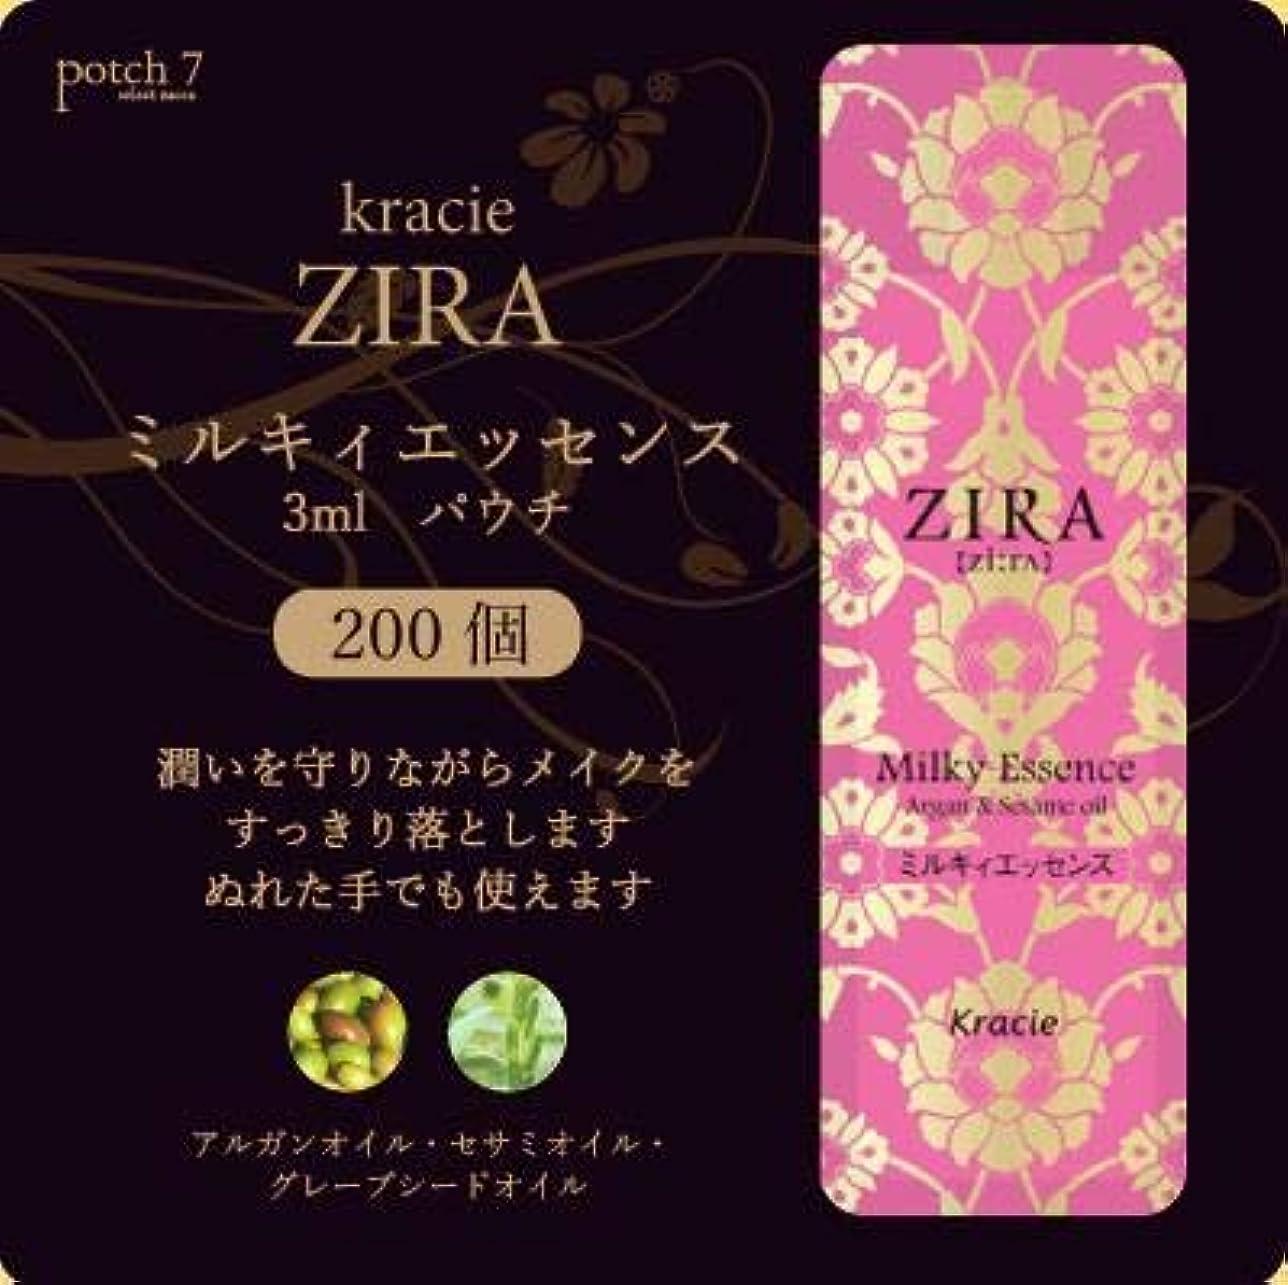 明るくする豊富に送信するKracie クラシエ ZIRA ジーラ ミルキィエッセンス 美容液 パウチ 3ml 200個入